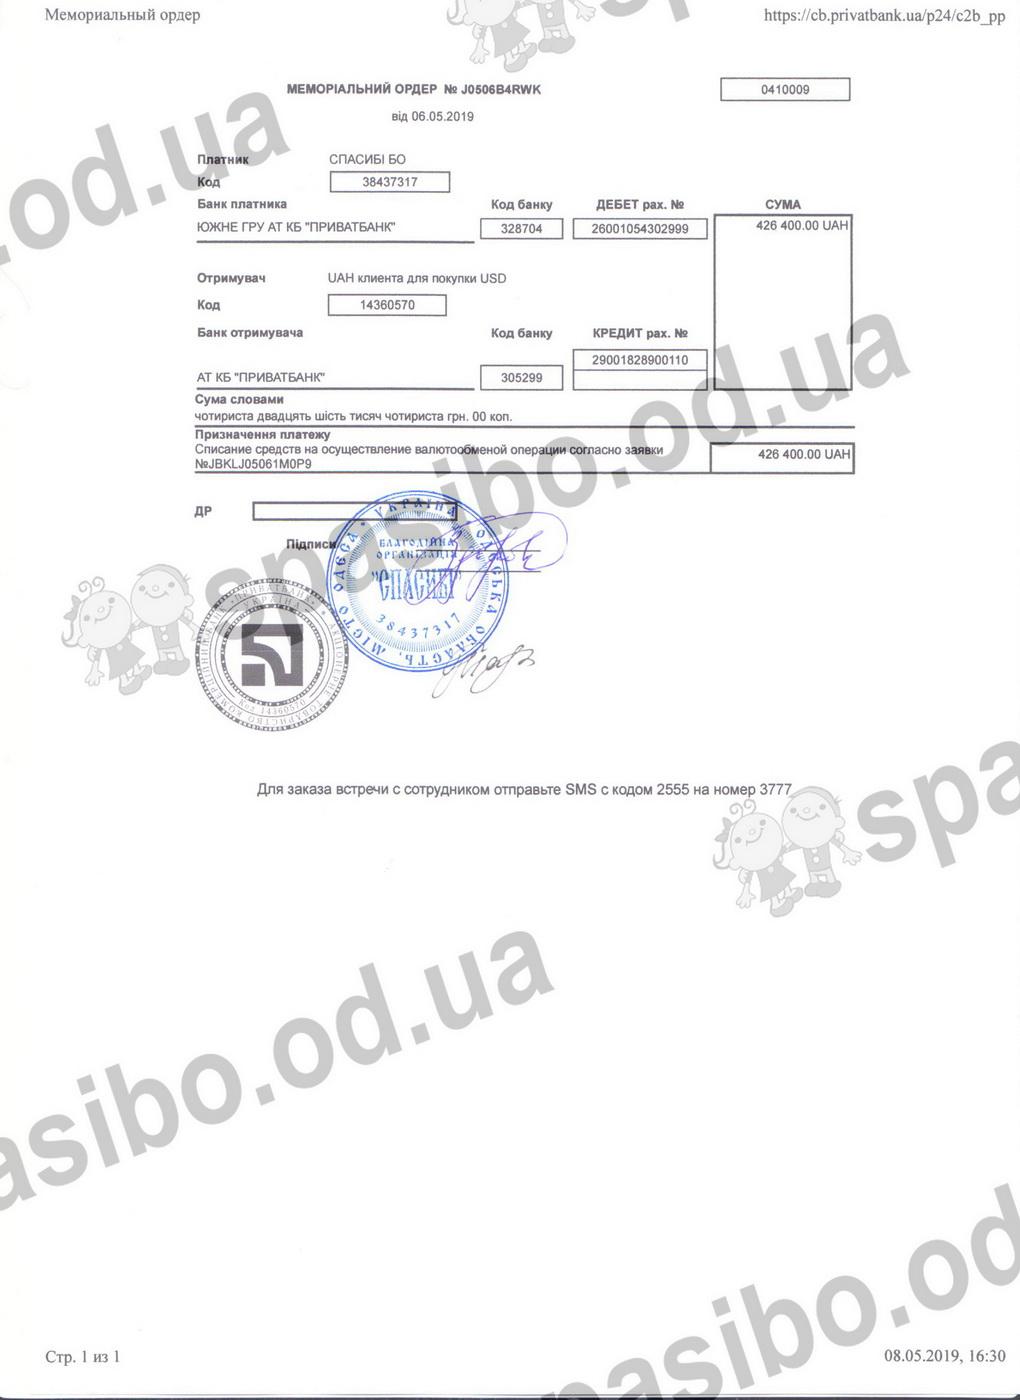 Списание средств на осуществление волютообменной операции